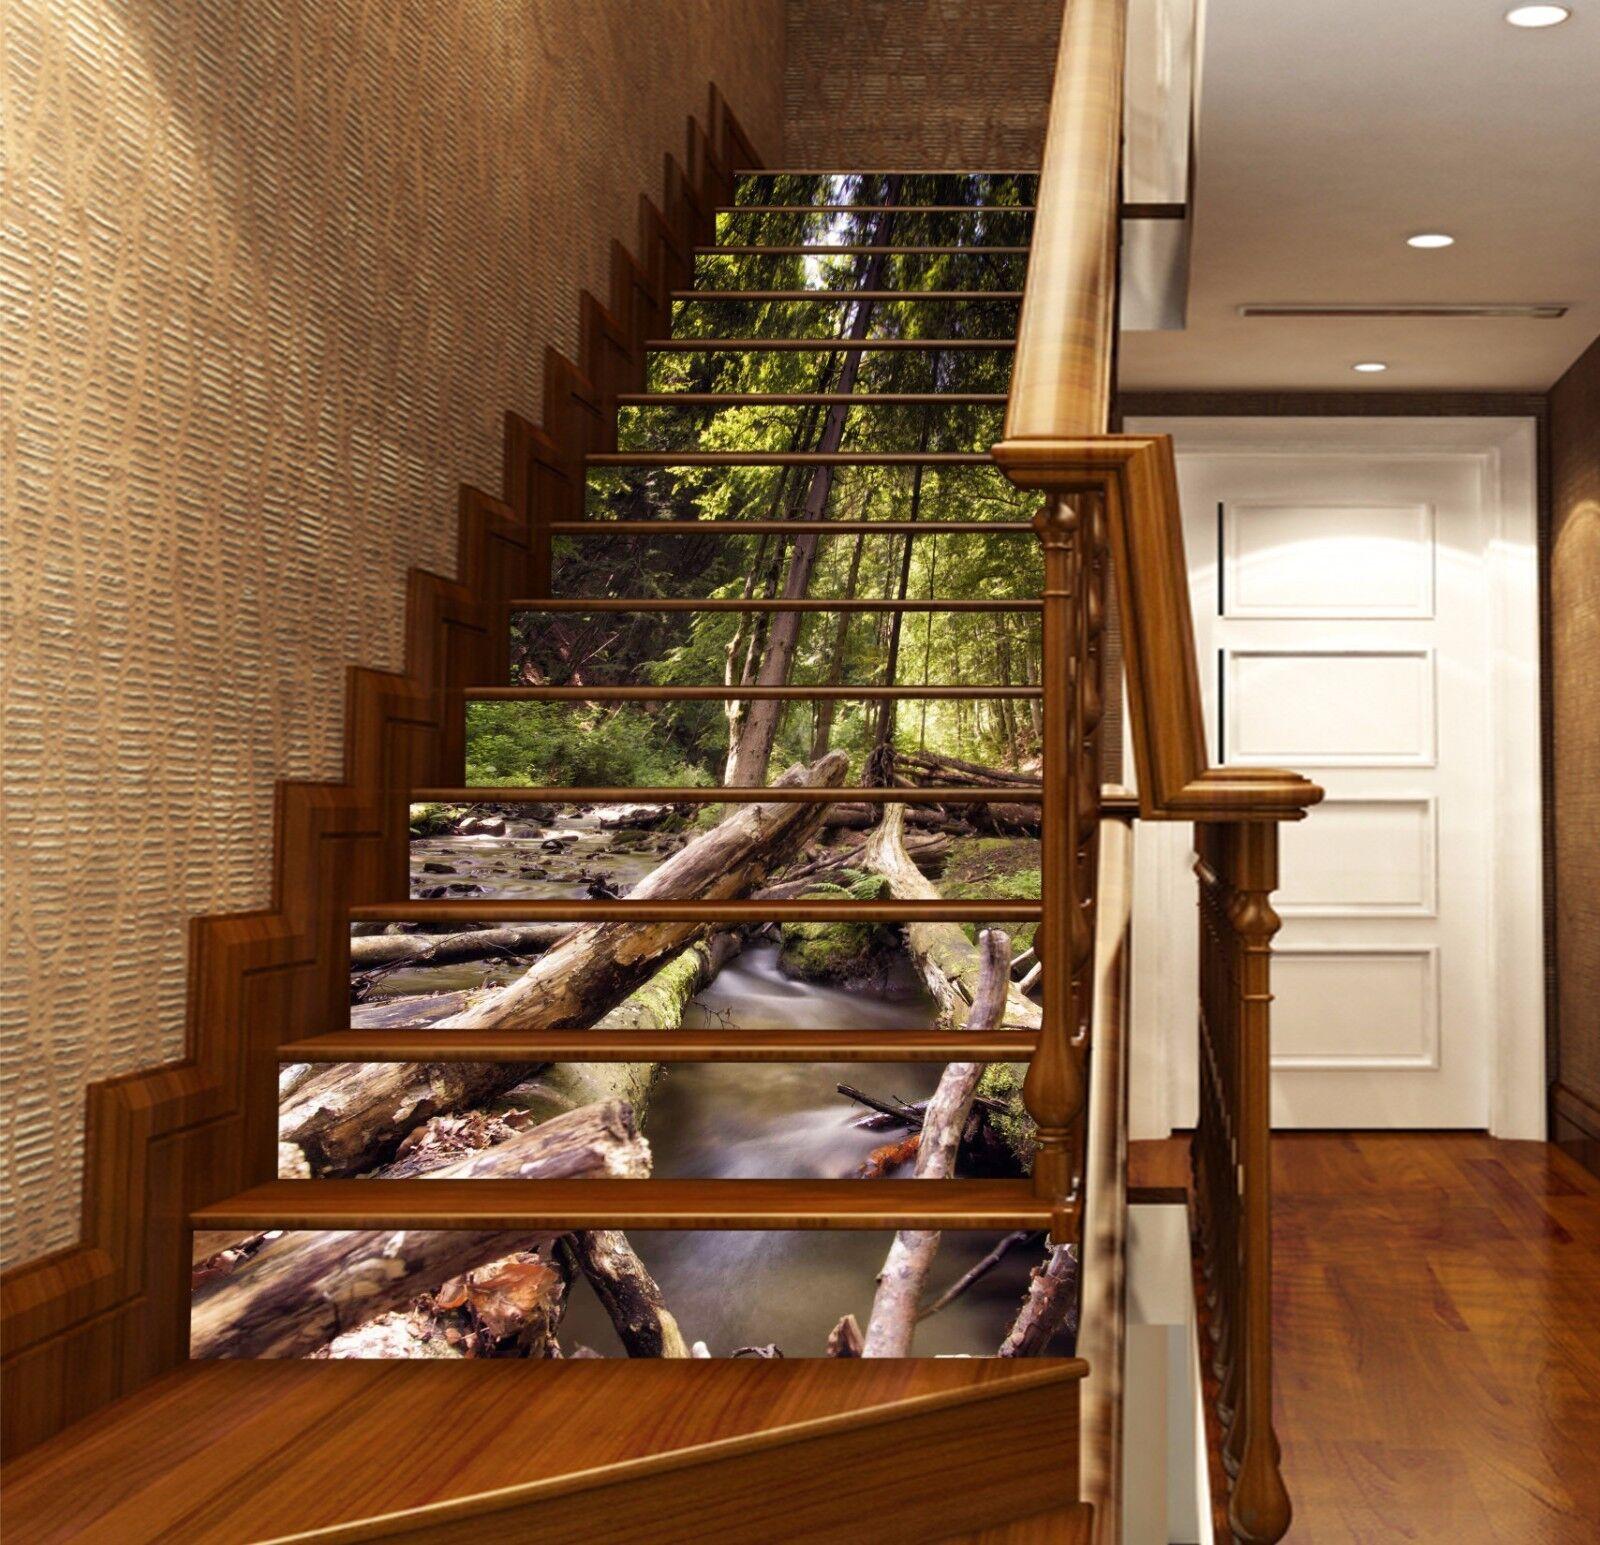 3D River Wood 543 Stair Risers Dekoration Foto Mural Vinyl Decal Wallpaper UK